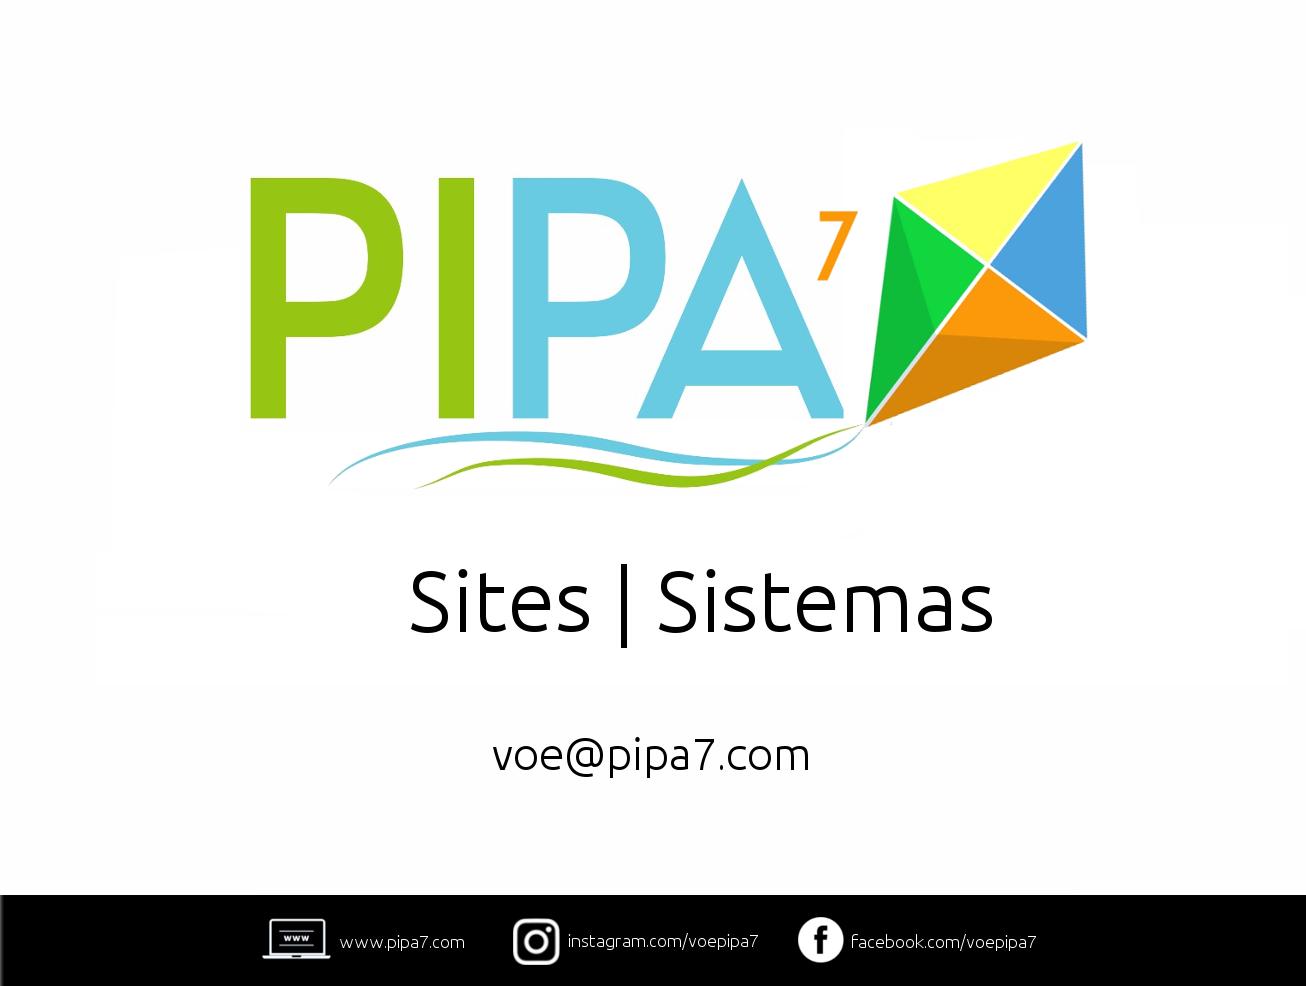 Pipa7.com | Sites e Sistemas